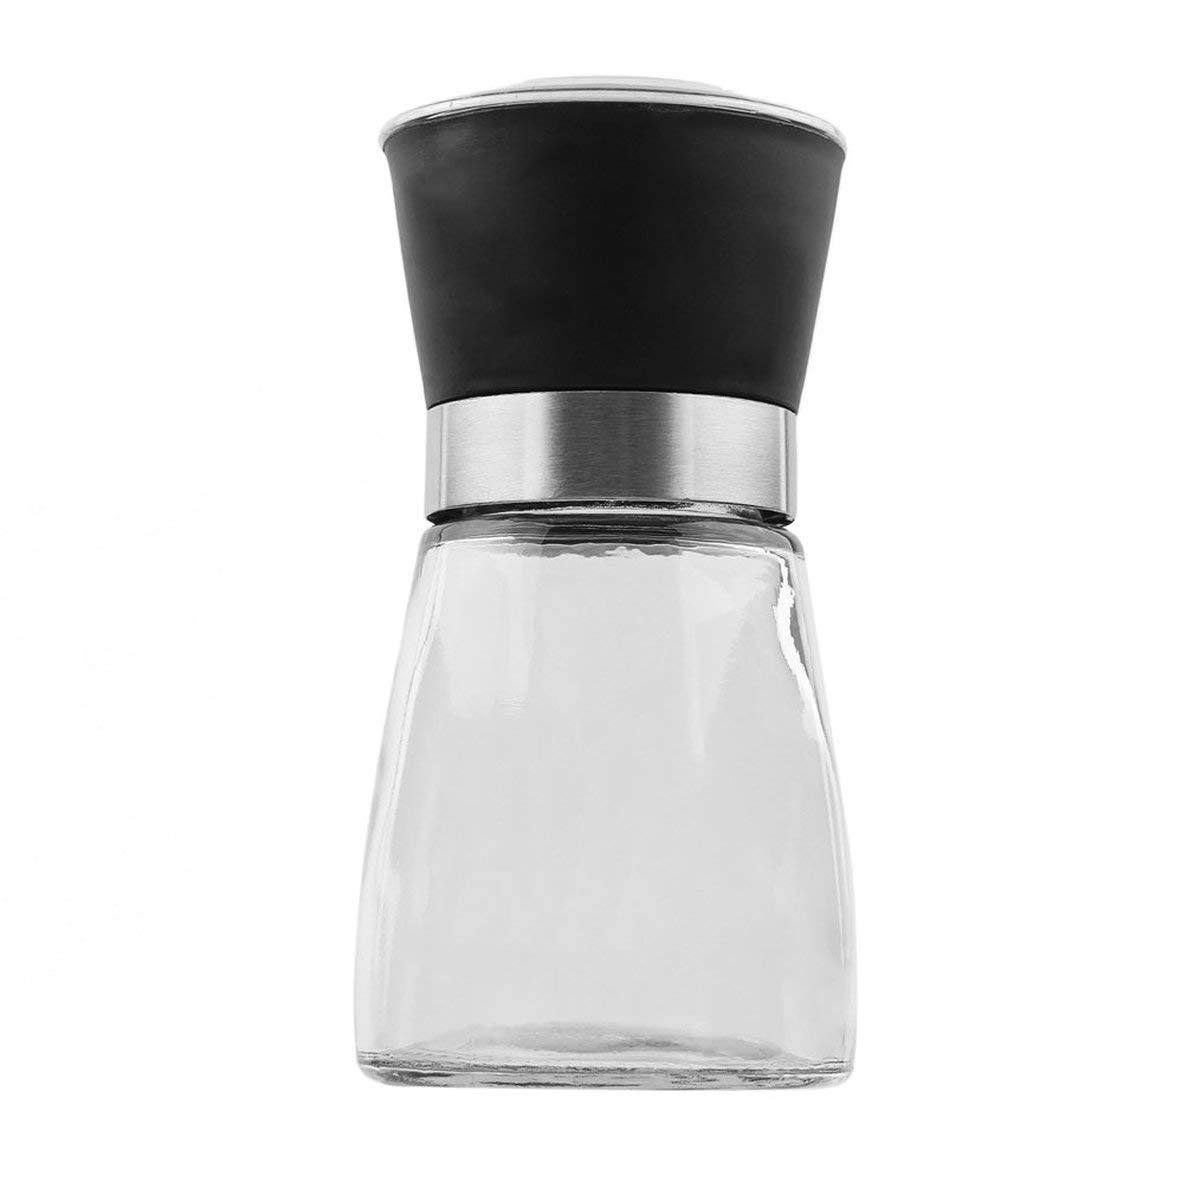 DoMoment Kreative Hauptküche Zubehör Edelstahl Glas Manuelle Pfeffer Salz Gewürzmühle Grinder Pepper Grinder Gewürzbehälter